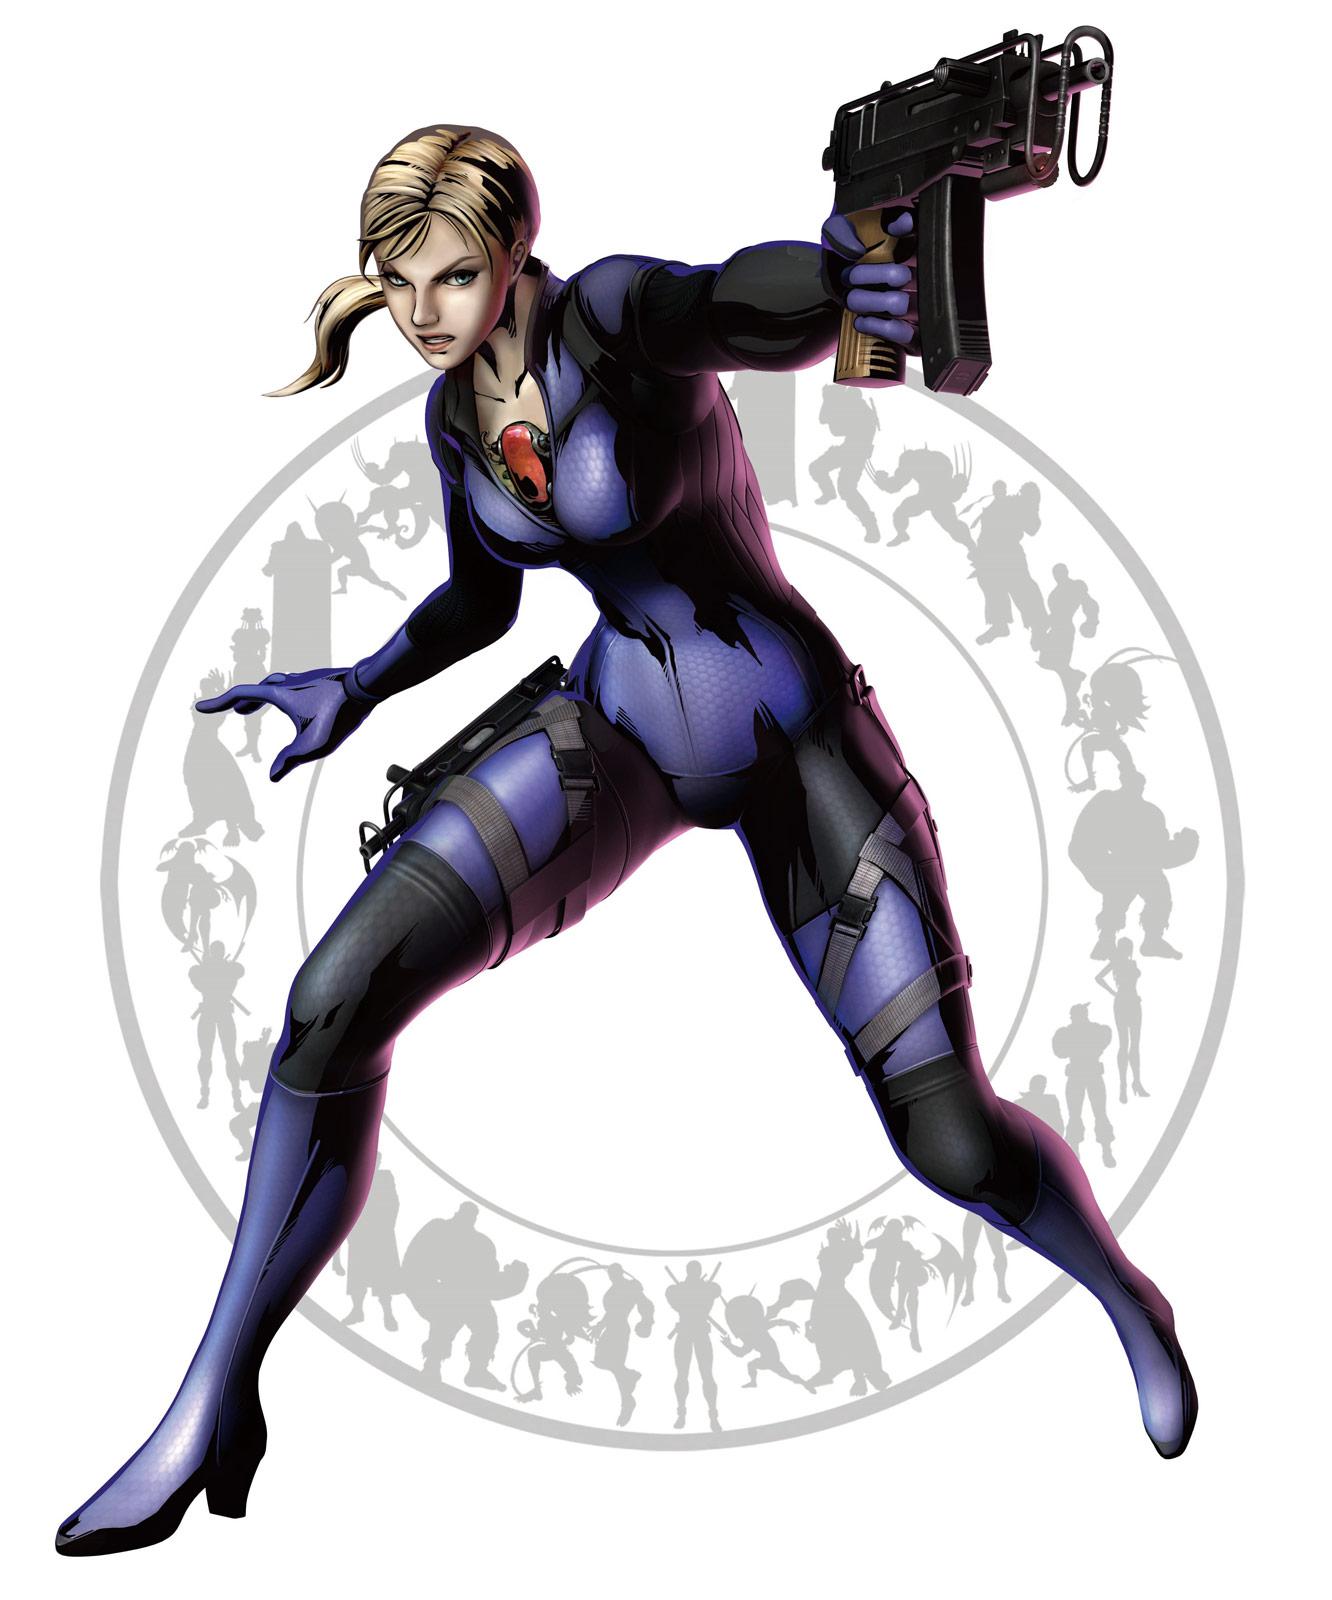 Jill Valentine Marvel vs. Capcom 3 artwork